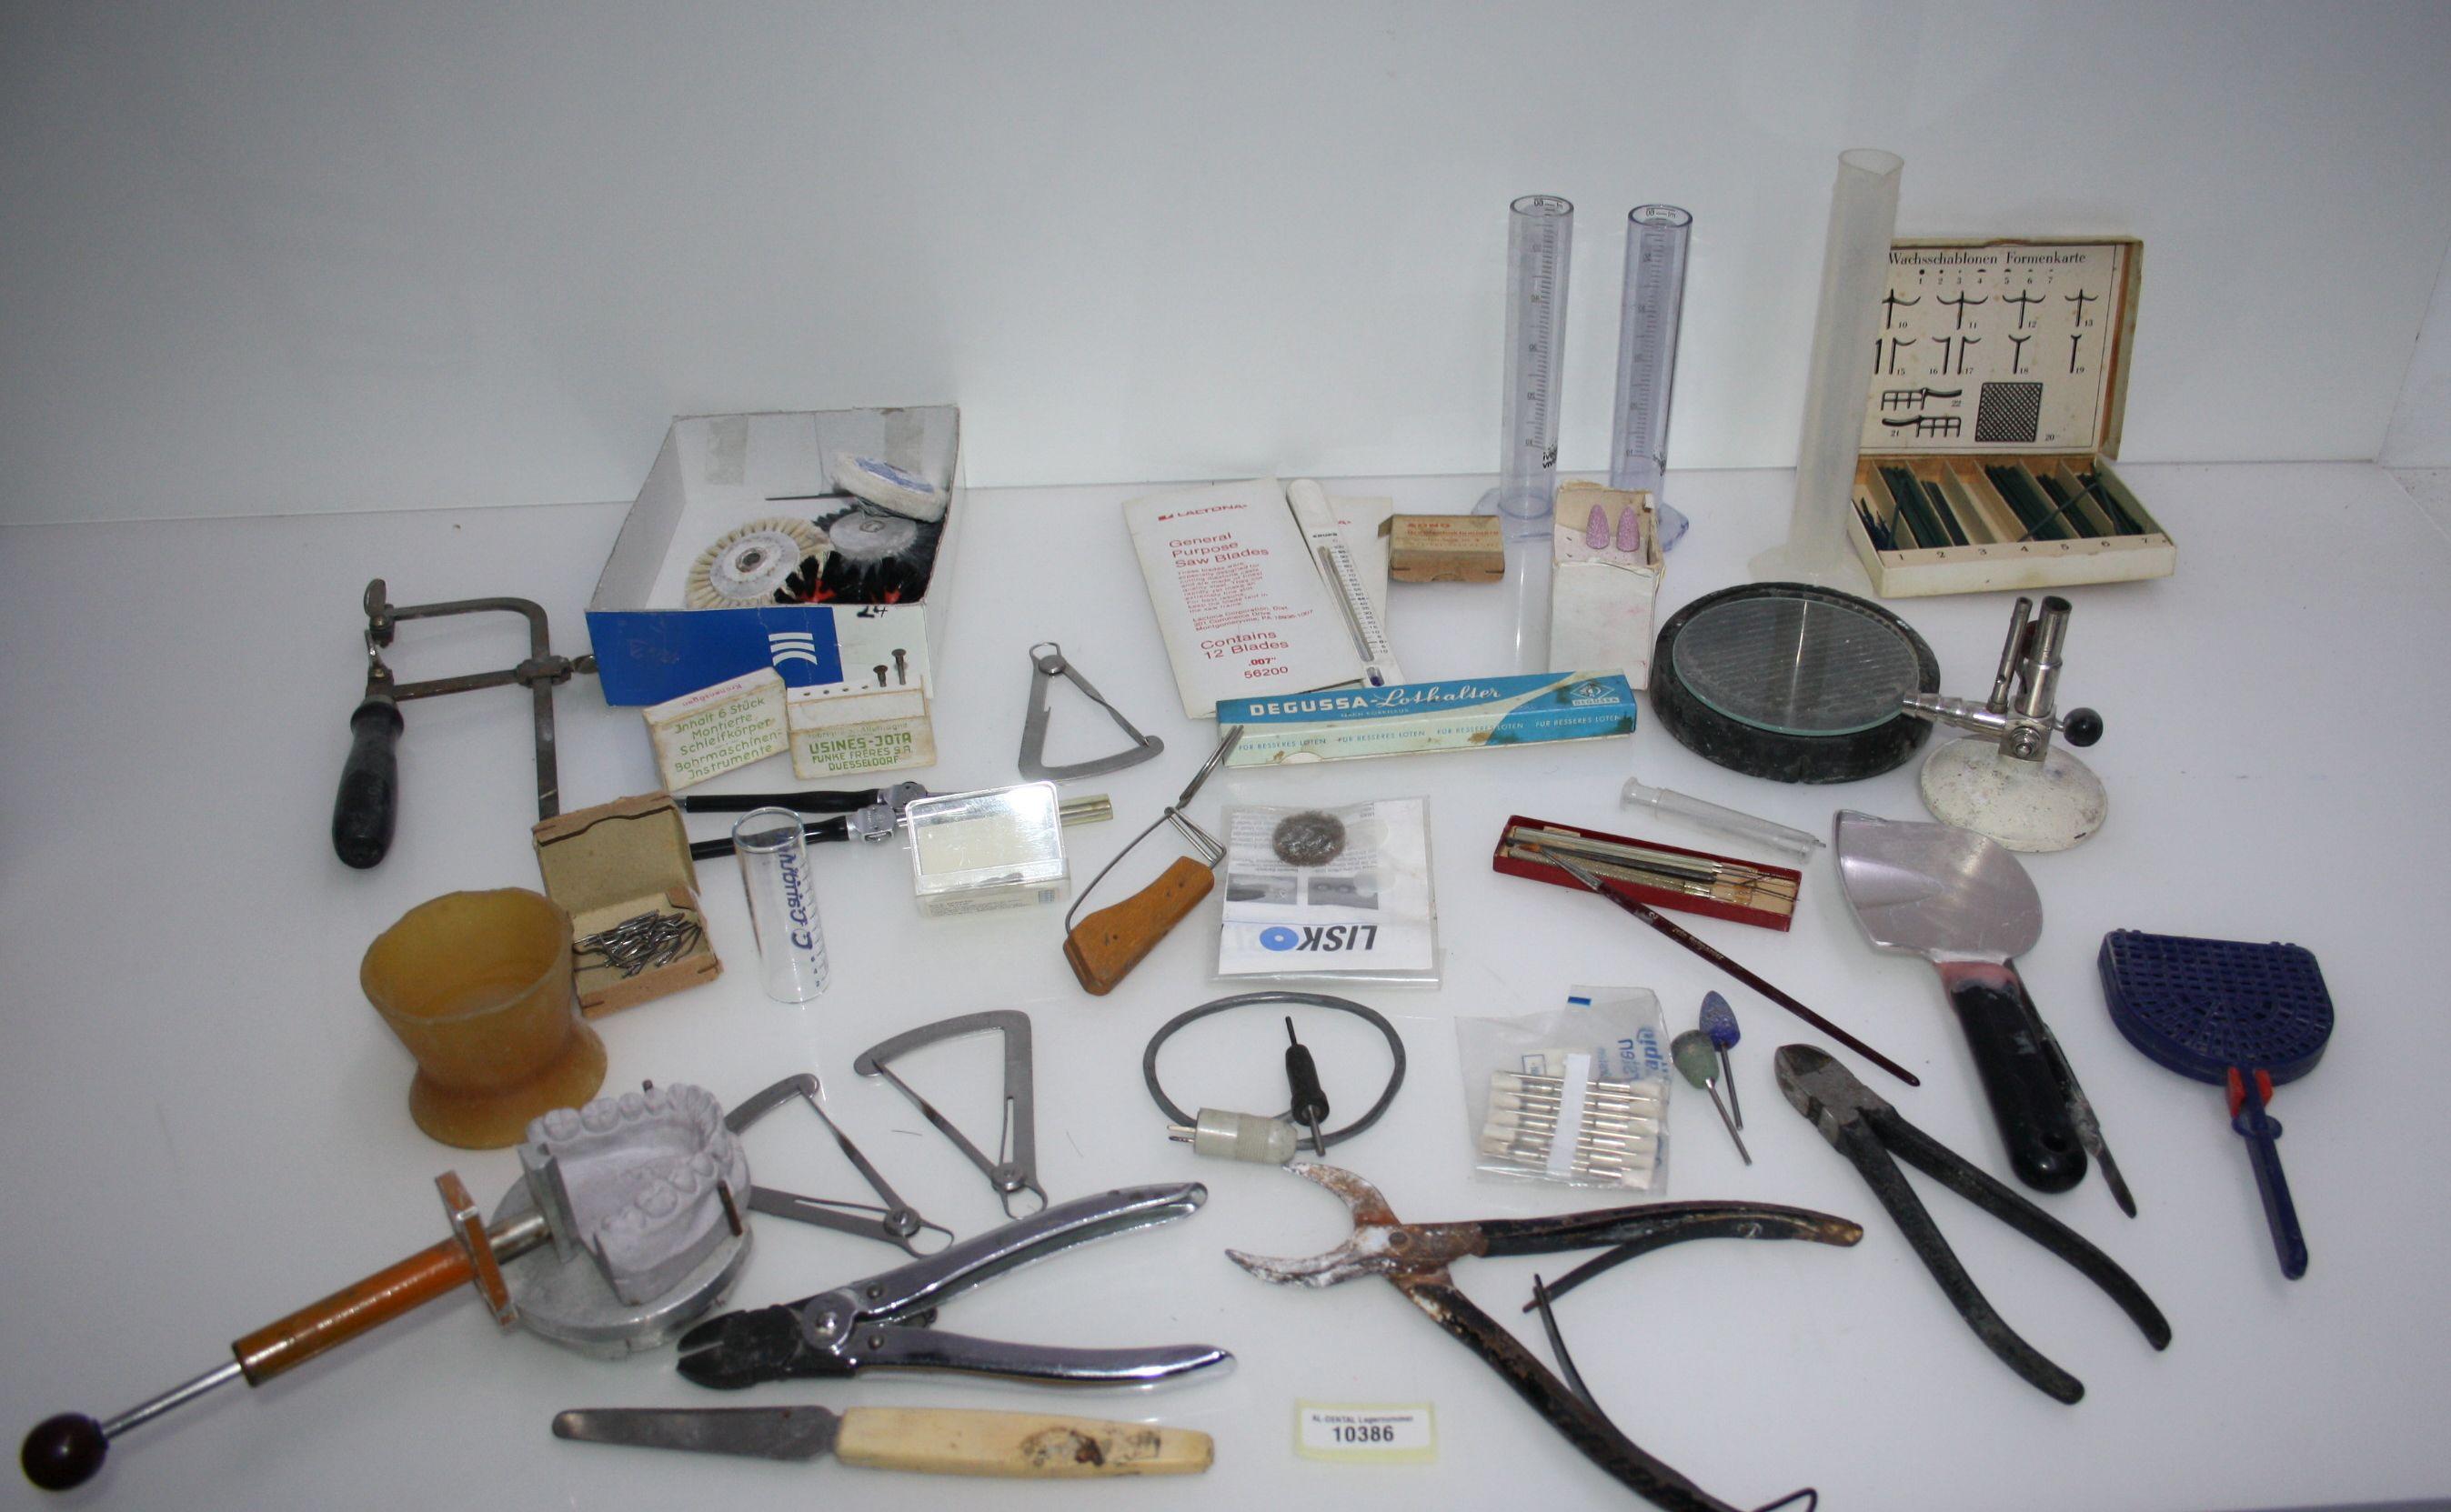 Dentallabor-Restposten - diverse Werkzeuge für die Zahntechnik # 10386